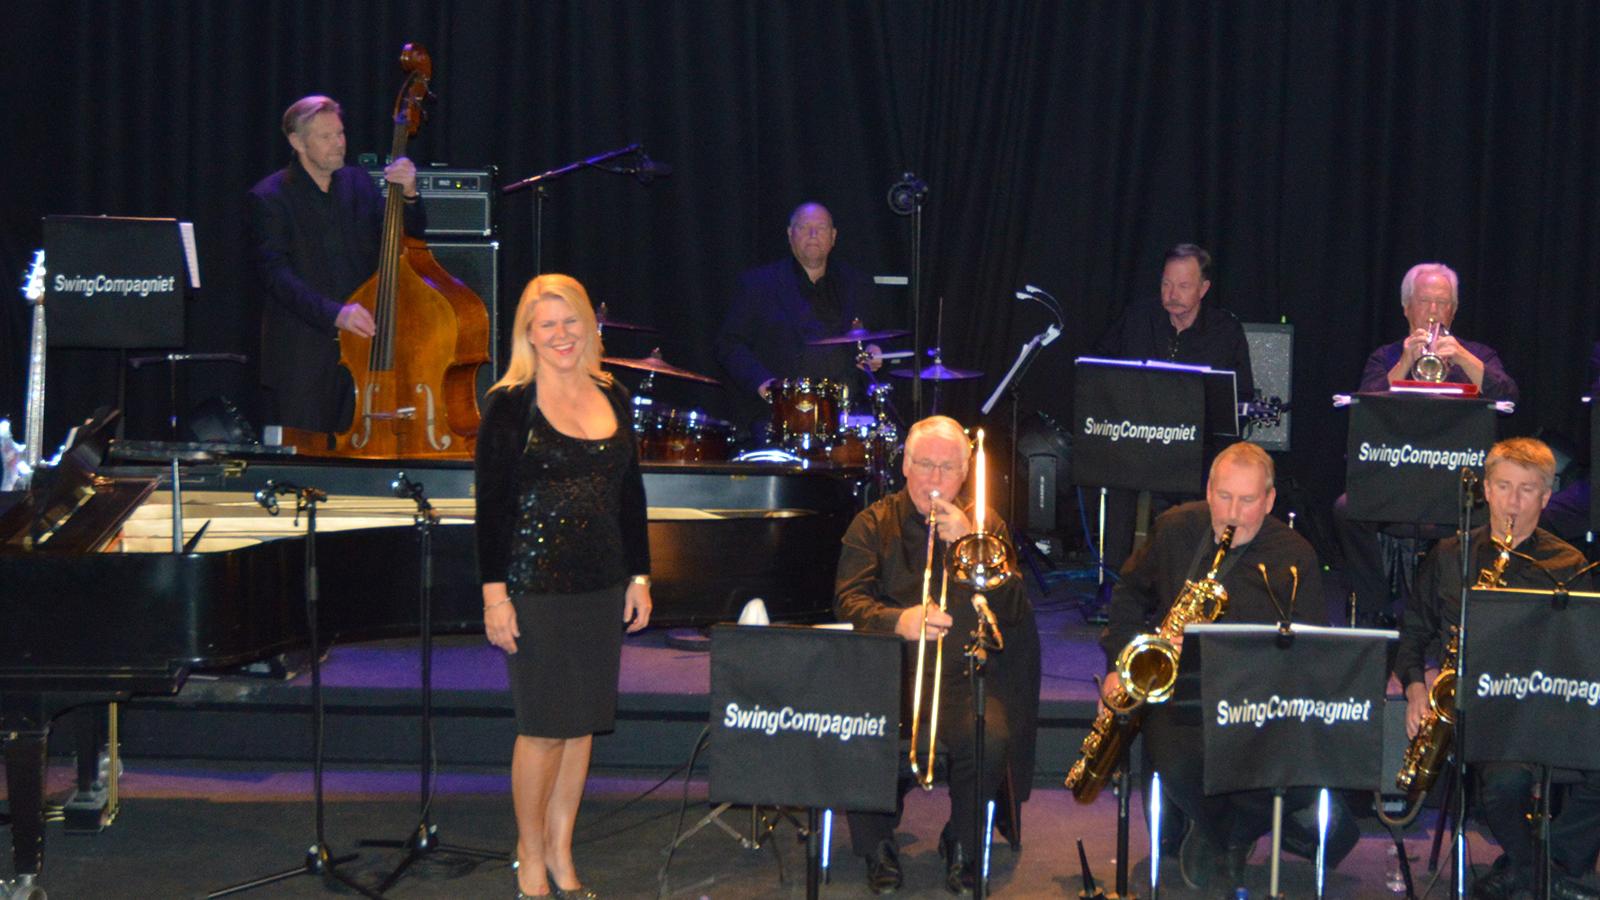 SwingCompaniet med gjest: Live Foyn Friis